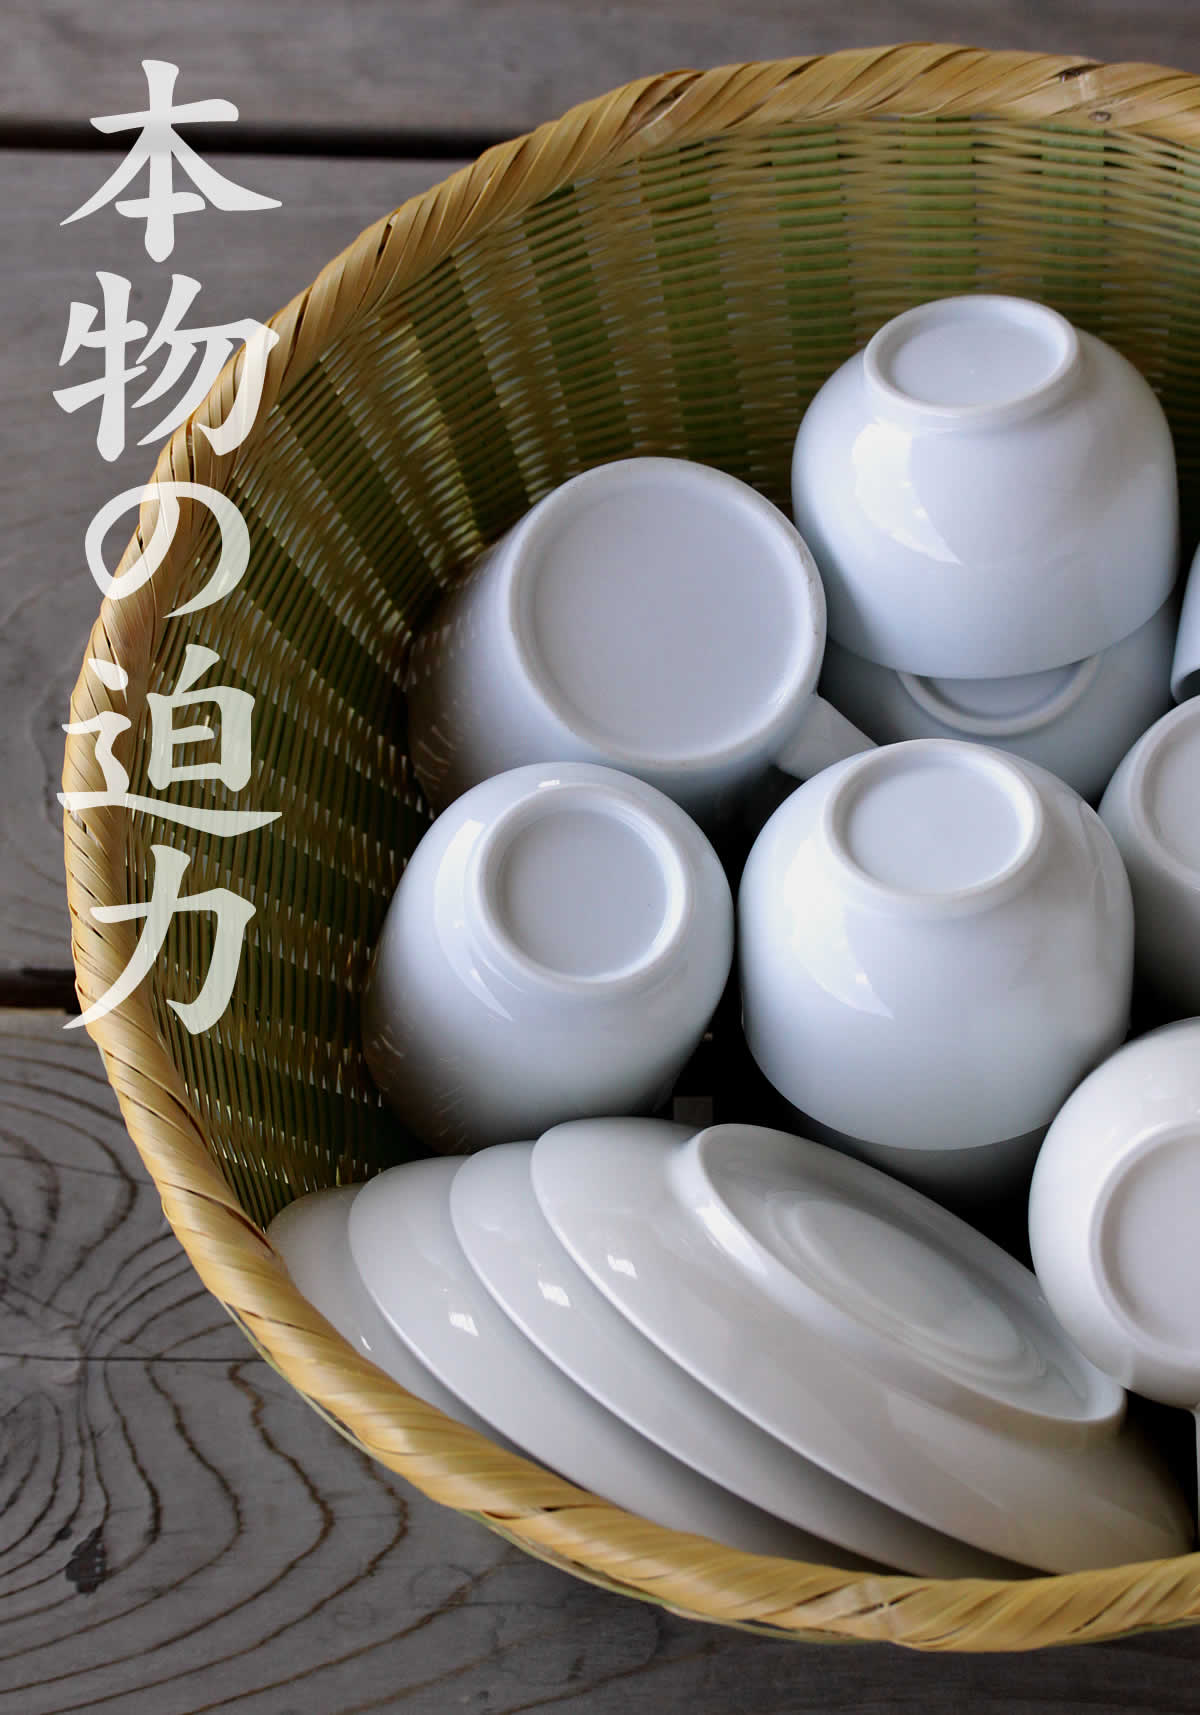 伝統の技が光る淡竹椀かごの本物の迫力